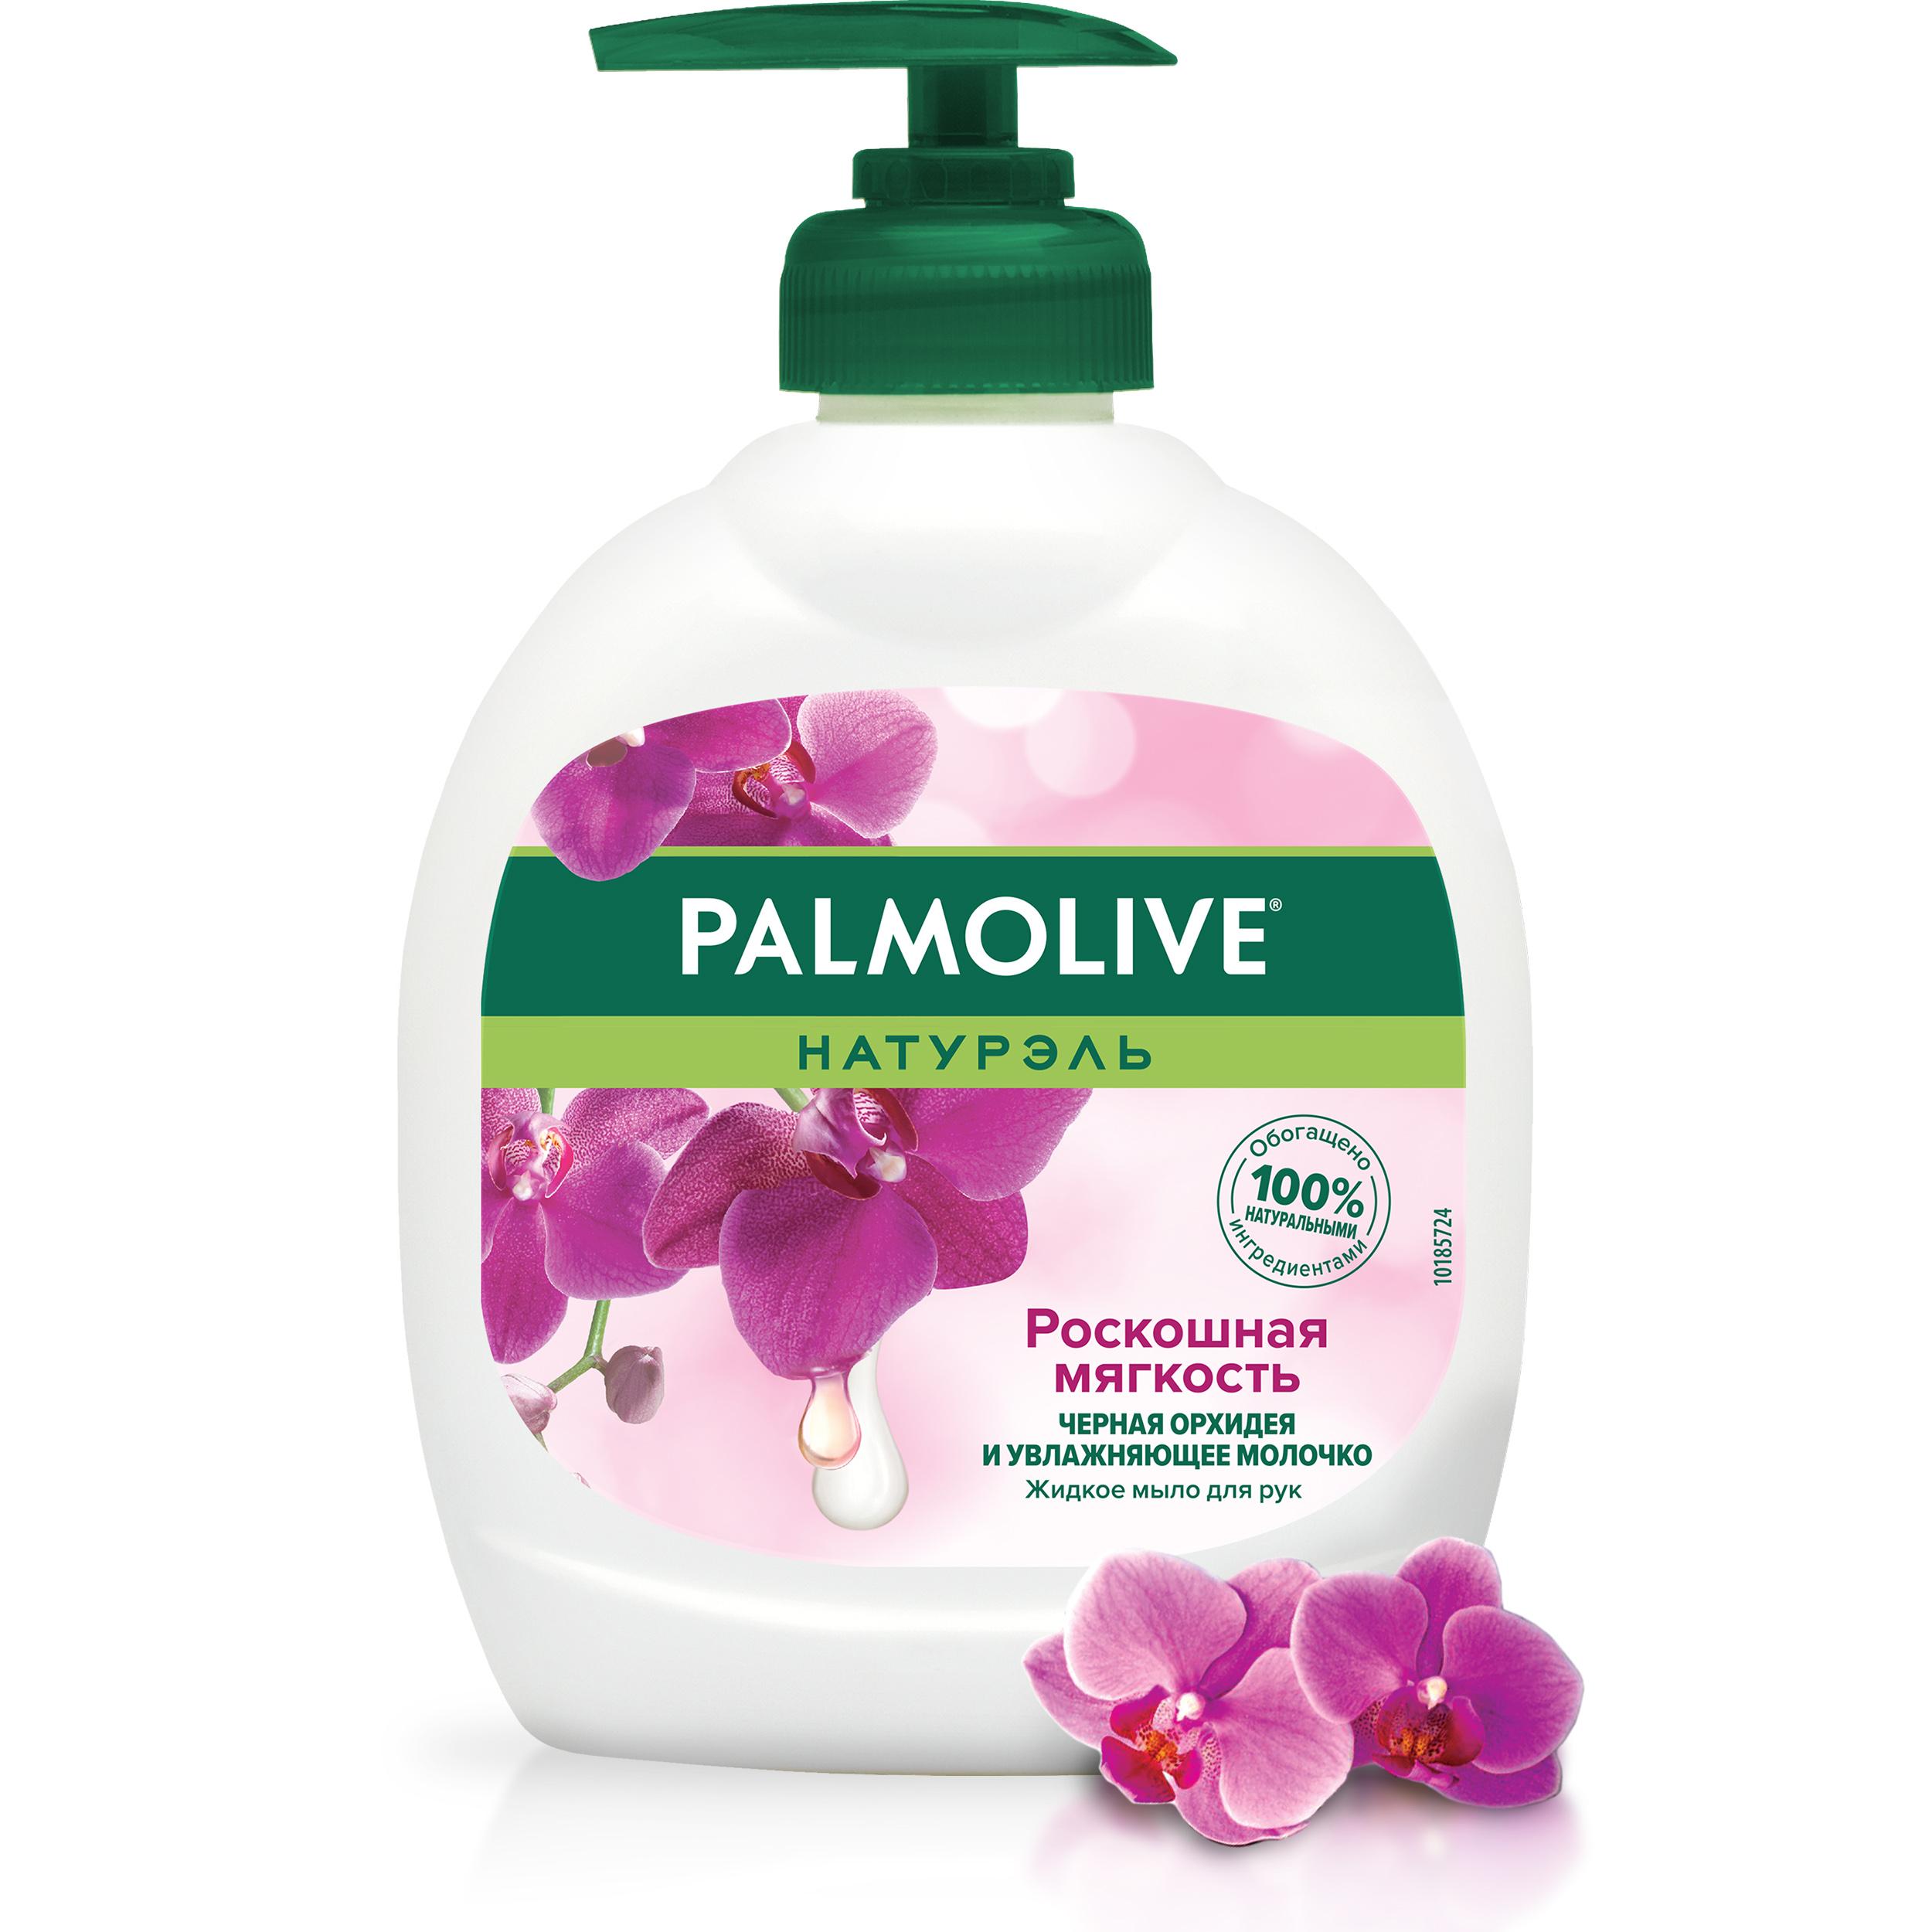 Купить Жидкое мыло Palmolive Роскошная мягкость Черная орхидея 300 мл, жидкое мыло IT04219A/FTR22494